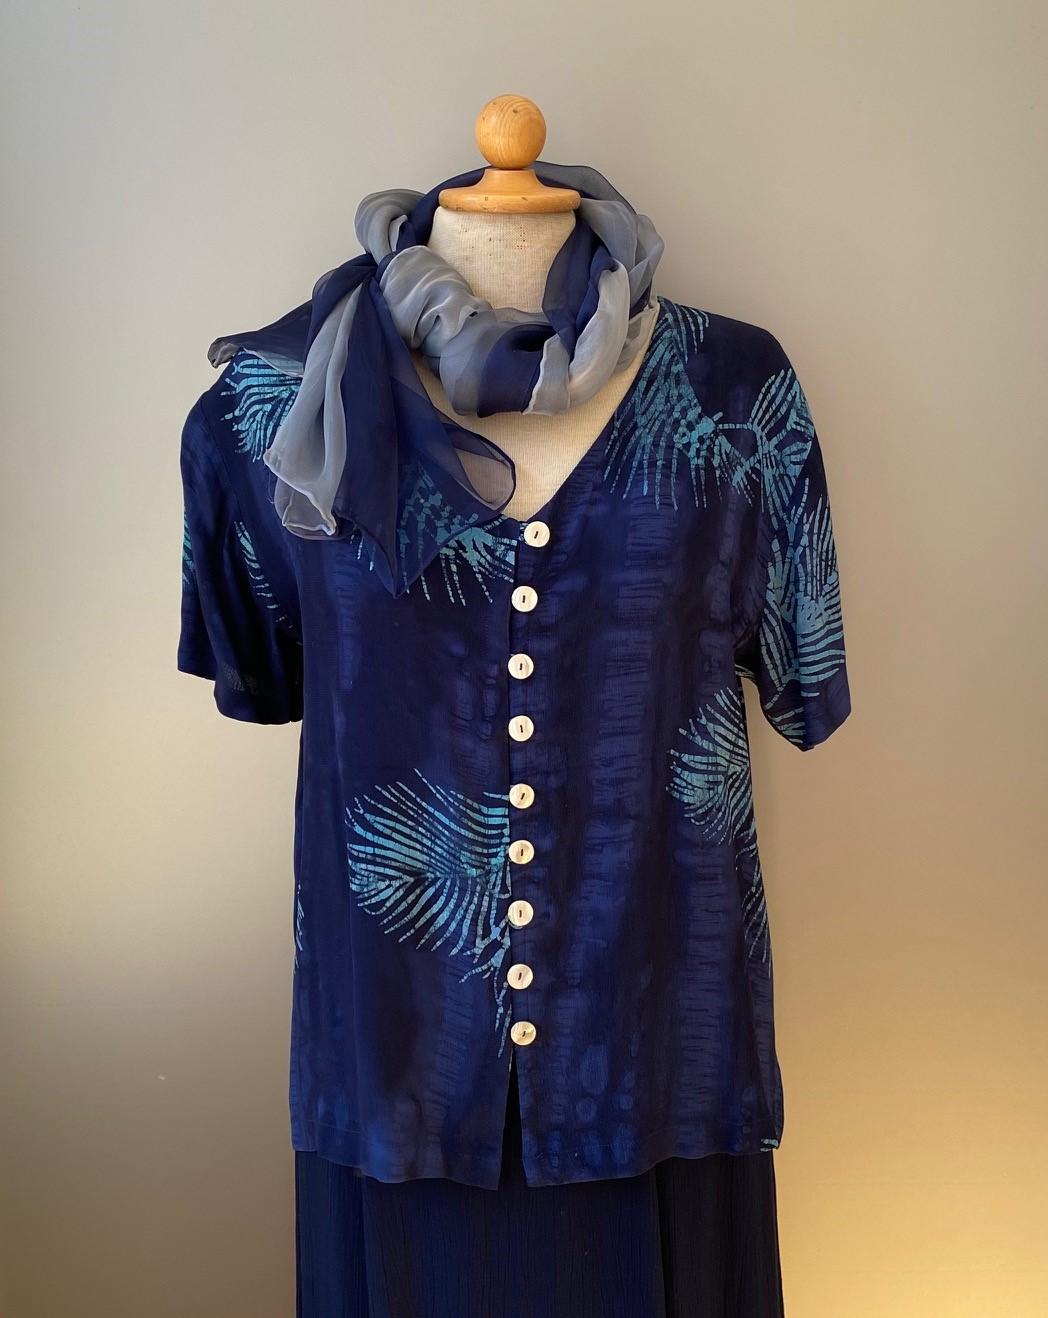 Batik bluse130 - Mørkeblå Palme, skjorte, skjortebluse, bluse, med knapper, blå, mørkeblå, blå farver, coboltblå, navy, marine, åndbar, figursyet, klædelig, slank, timeglasfigur, knapper, natur, økologisk, bæredygtigt, design, batikfarvet, batikbluse, biti, ribe, vikinger, nationalpark, vadehavet, rømø, mandø